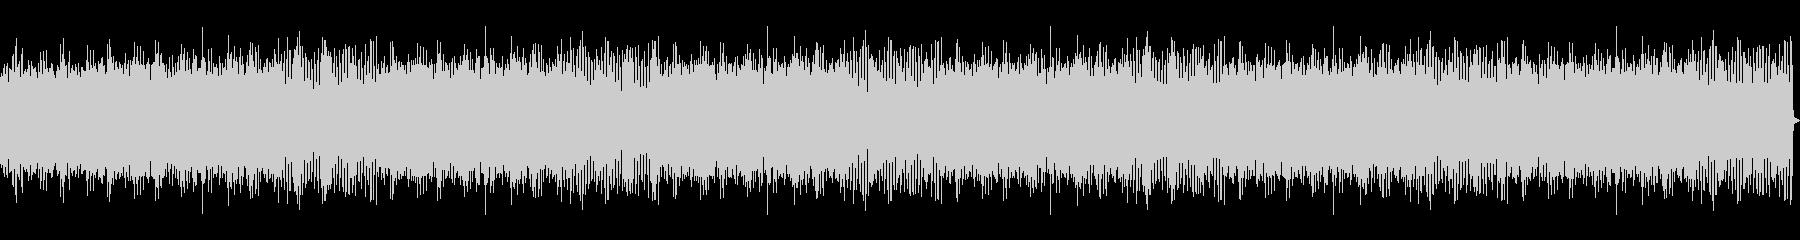 朝ヨガ・デトックス・ミニマルなピアノソロの未再生の波形